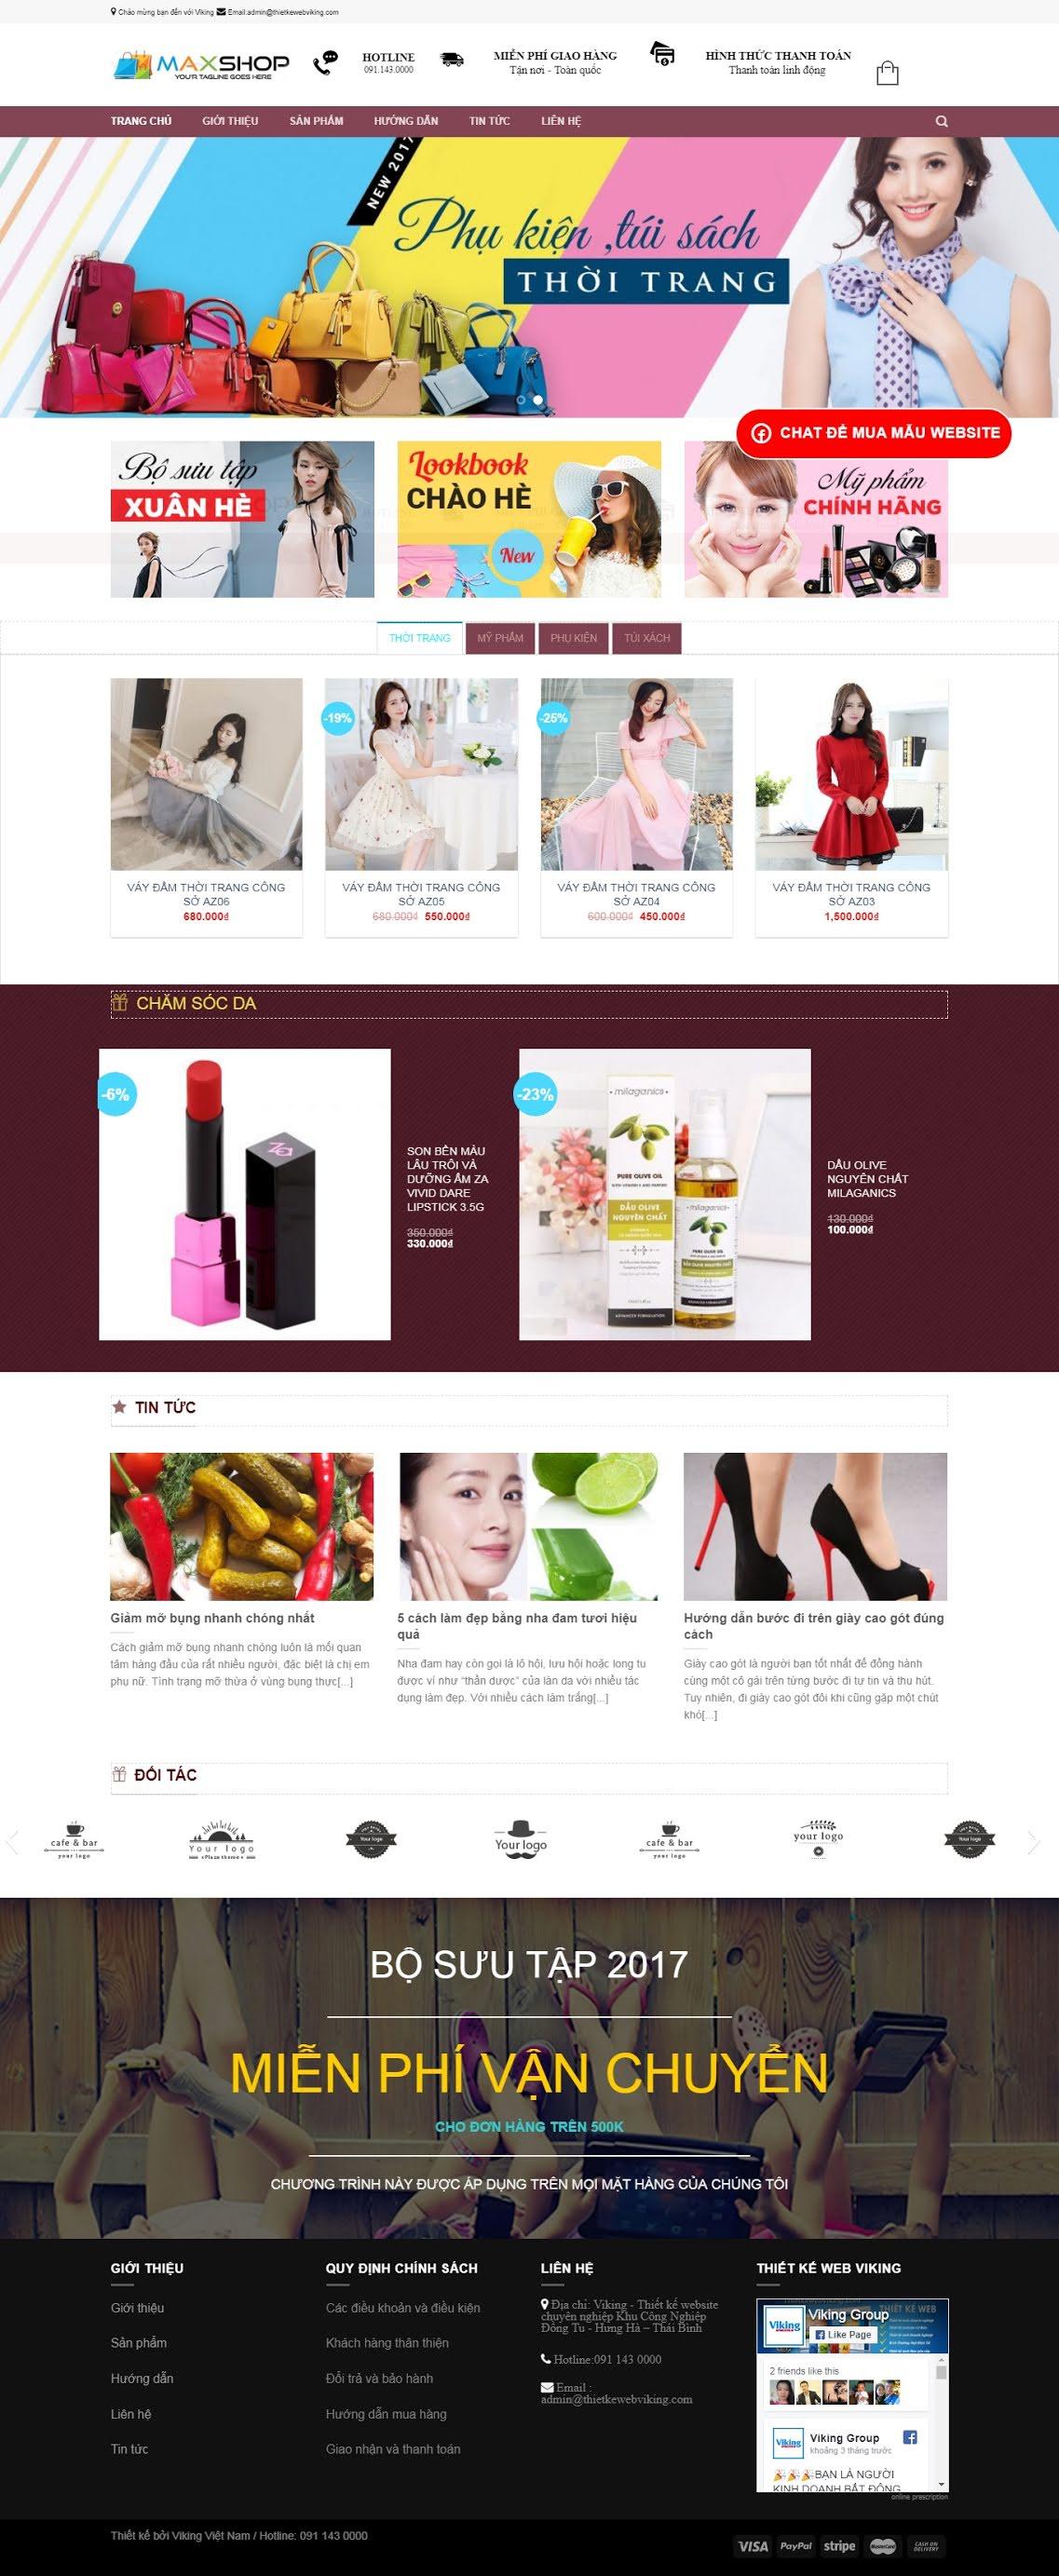 BÁN HÀNG 077 - thời trang